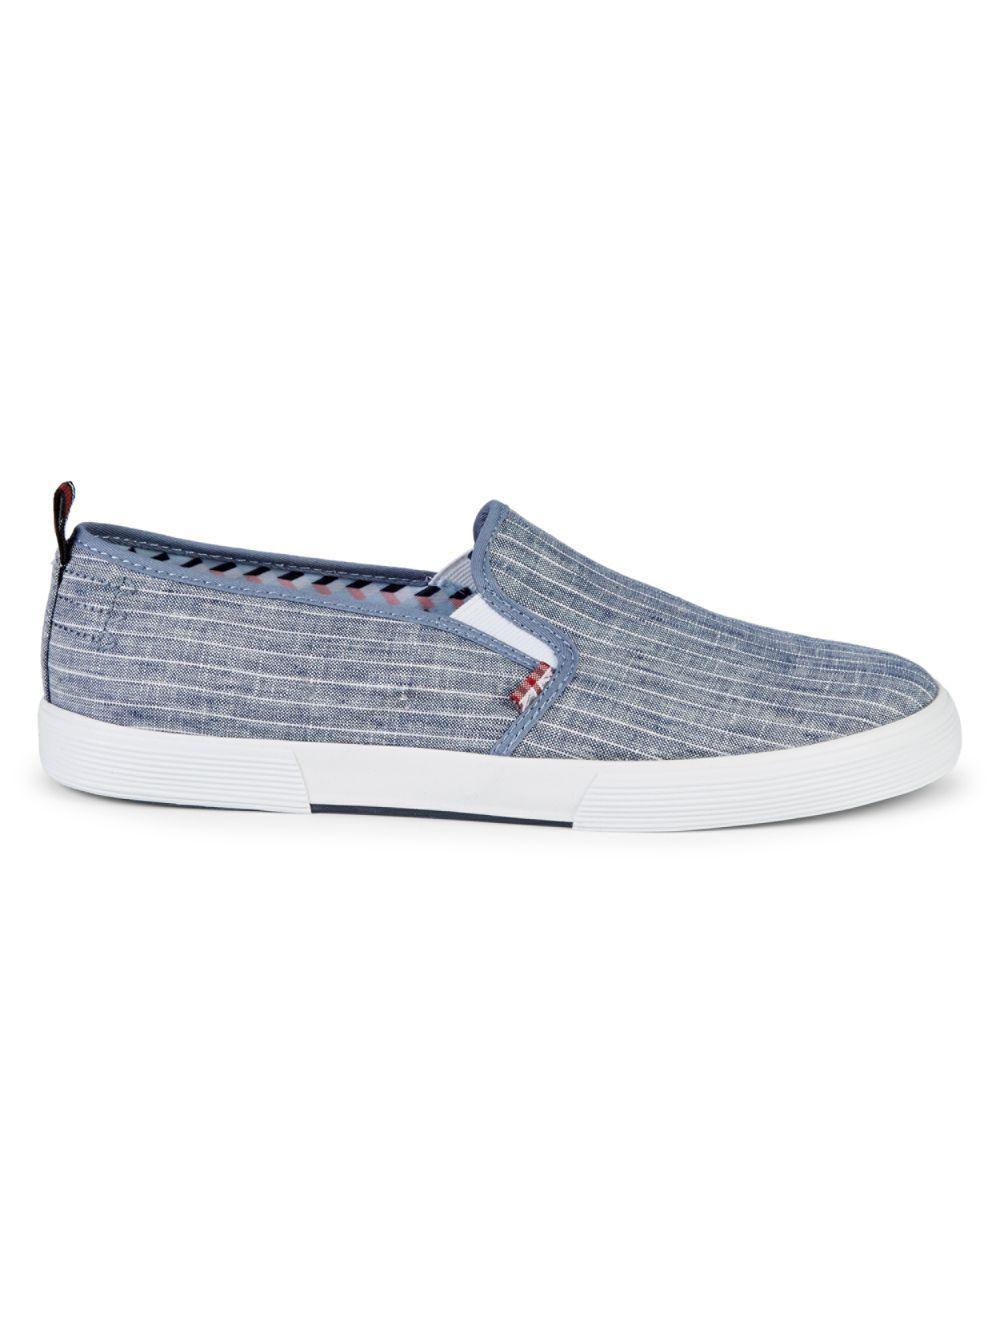 45386b1fa4741 Lyst - Ben Sherman Bristol Striped Slip-on Sneakers in Blue